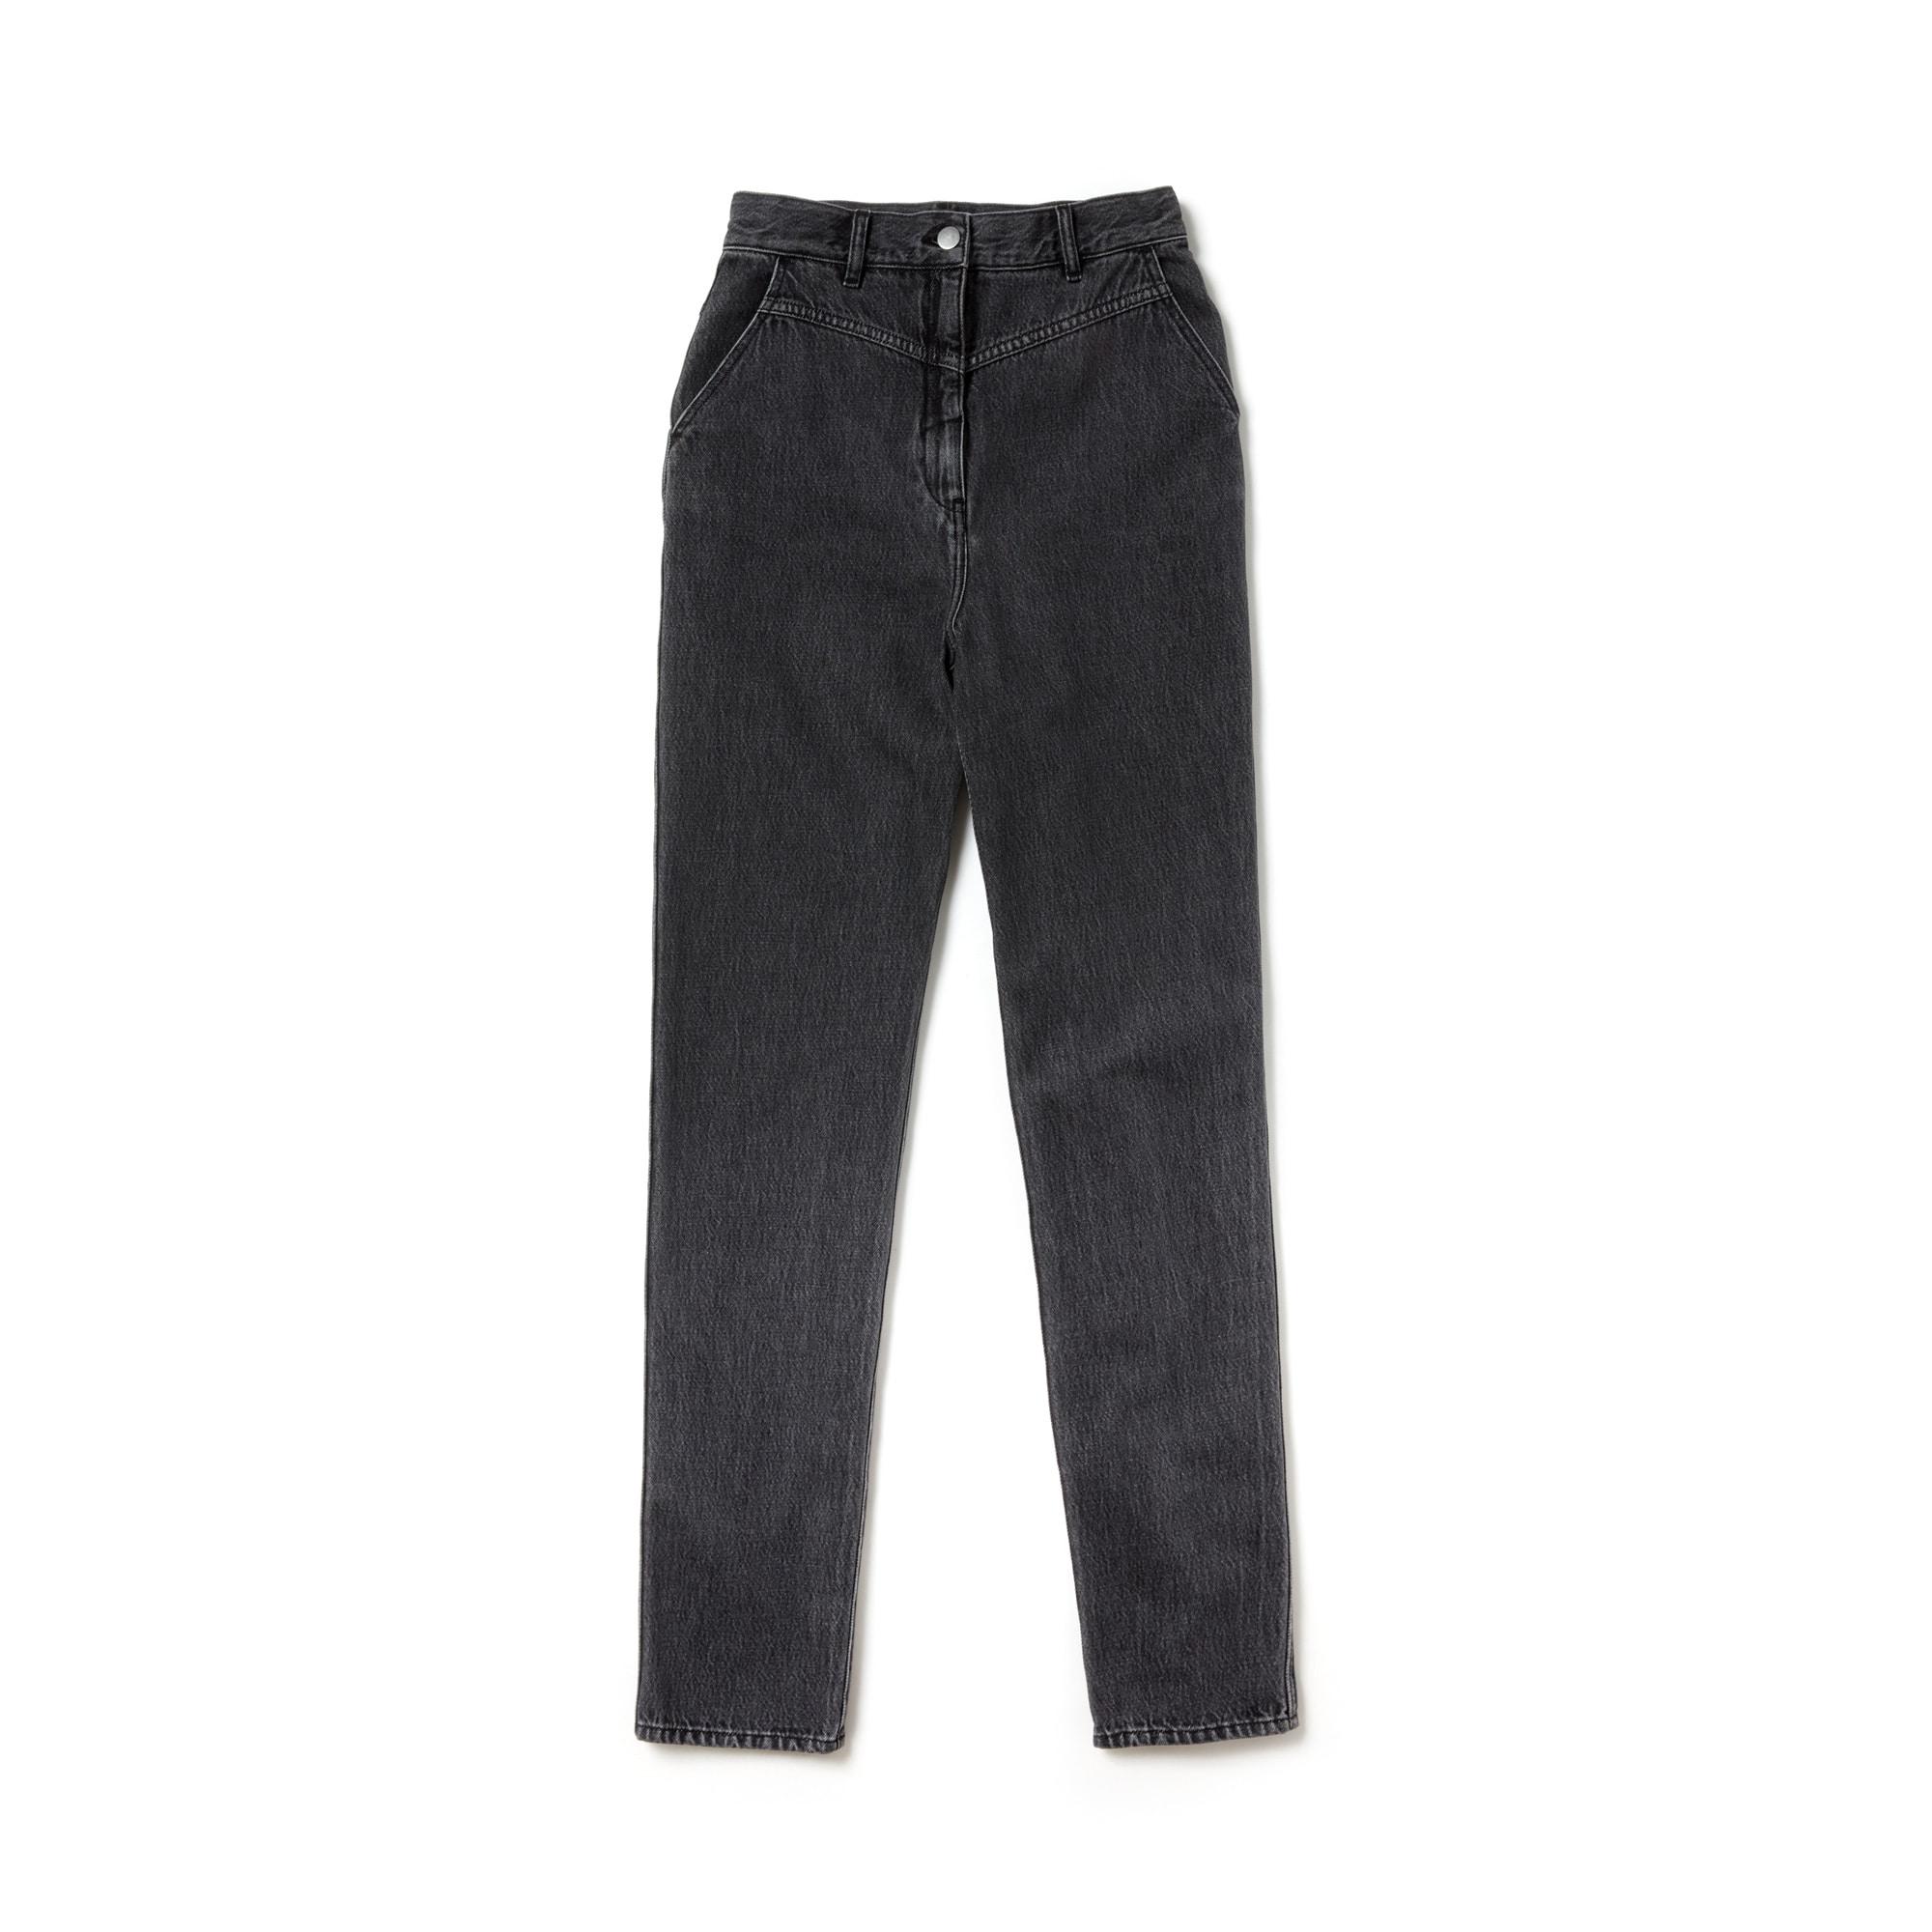 Ausgeblichene Damen-Jeans mit hohem Bund FASHION SHOW